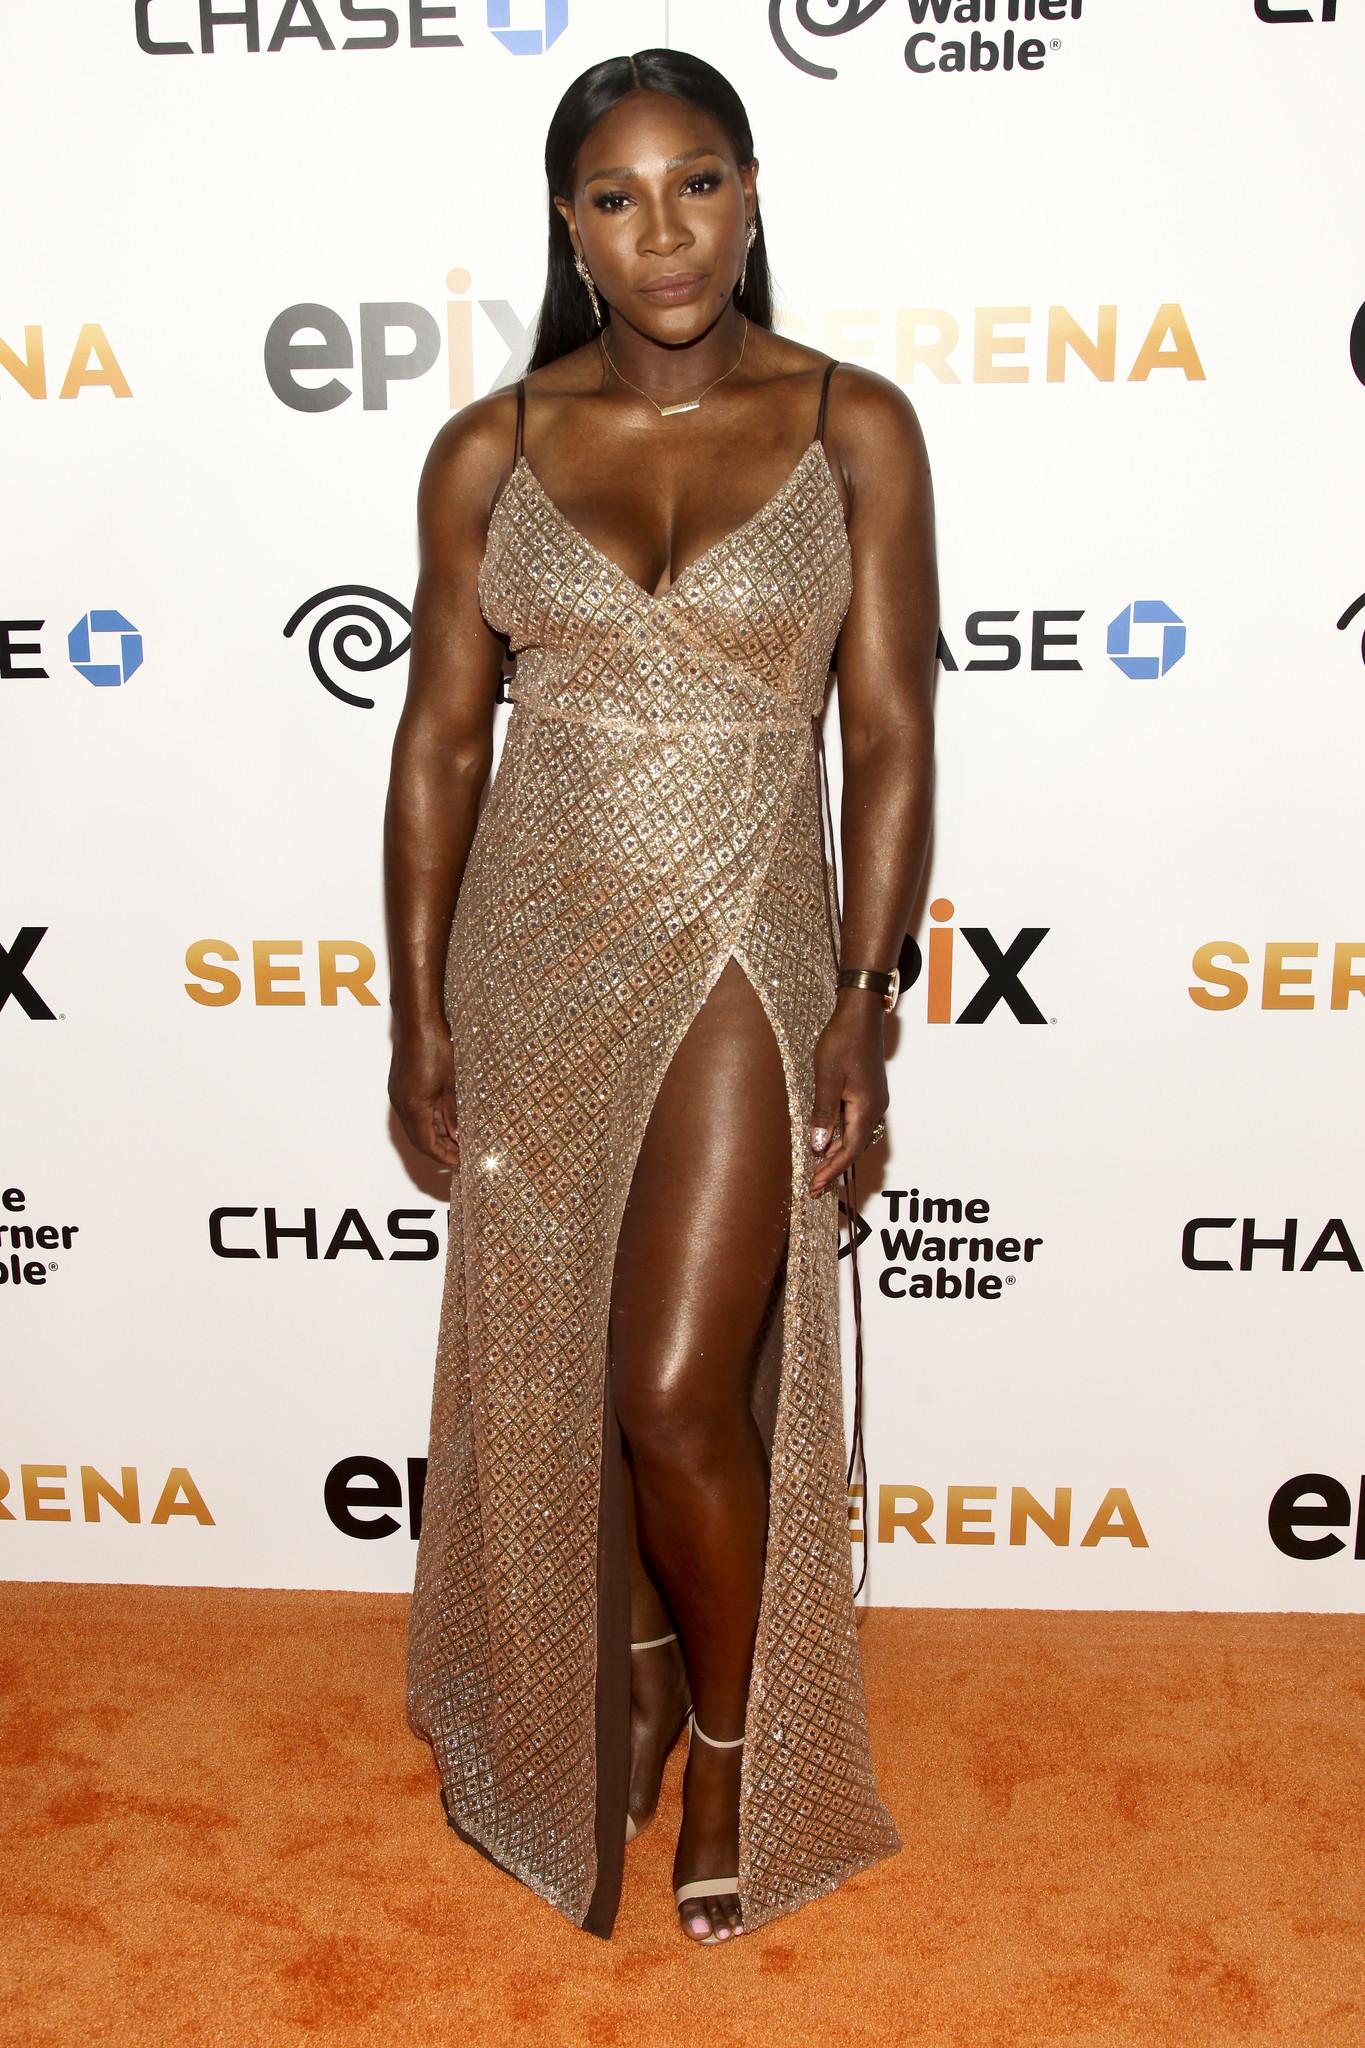 Video Serena Williams